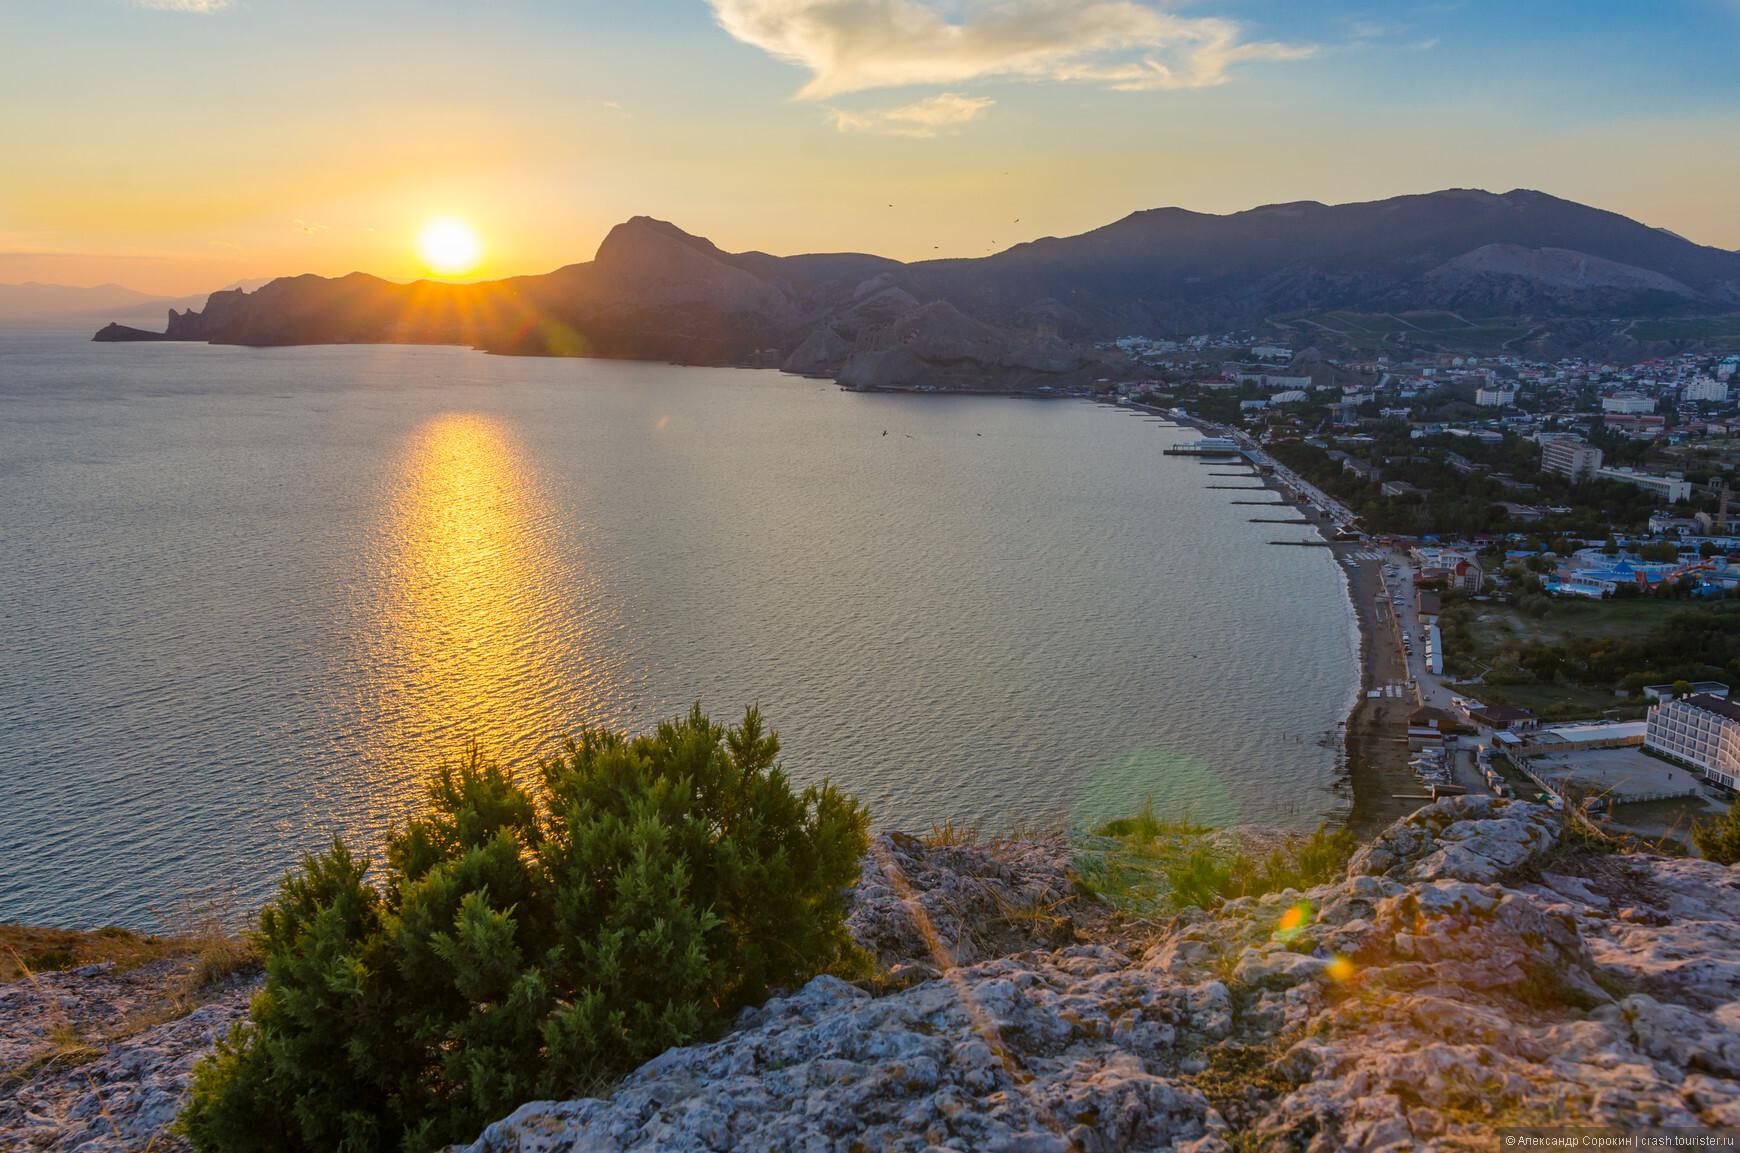 Частный сектор в Крыму: цены на отдых у моря в 2019 году